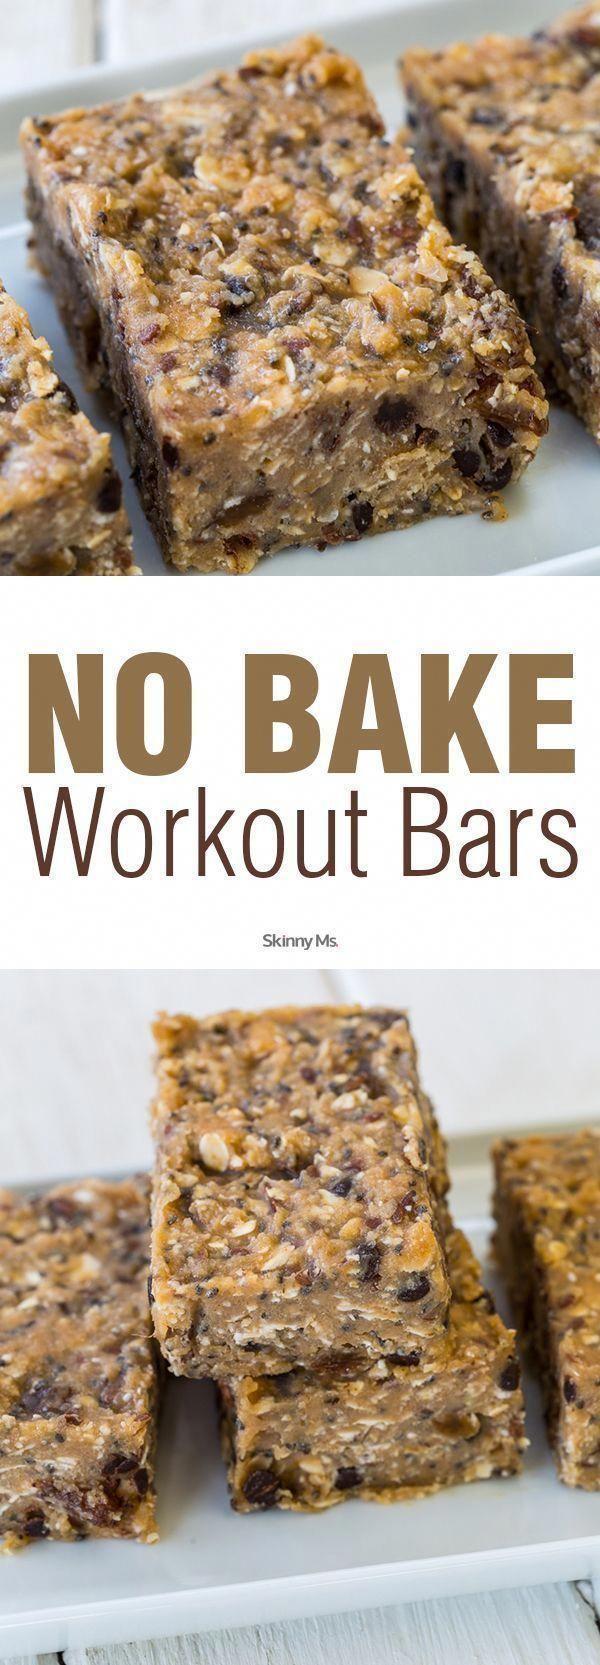 No-Bake Workout Bars